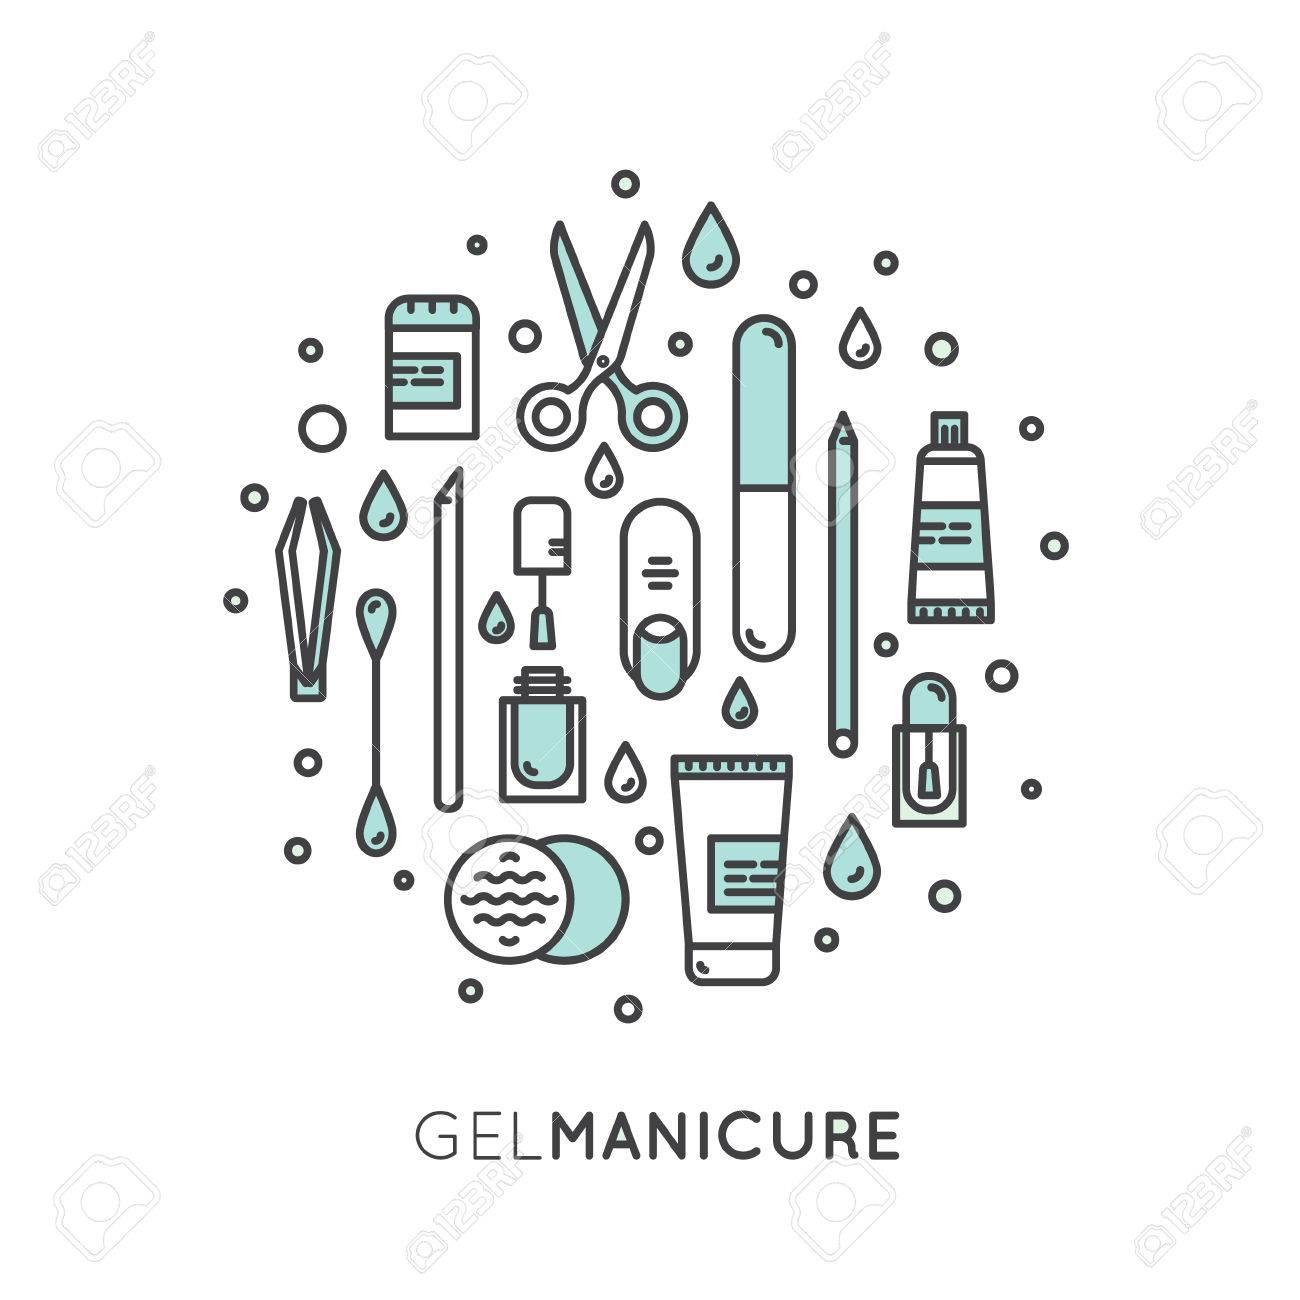 Vector Icono Estilo Ilustracin Concepto De Gel Manicura Saln De